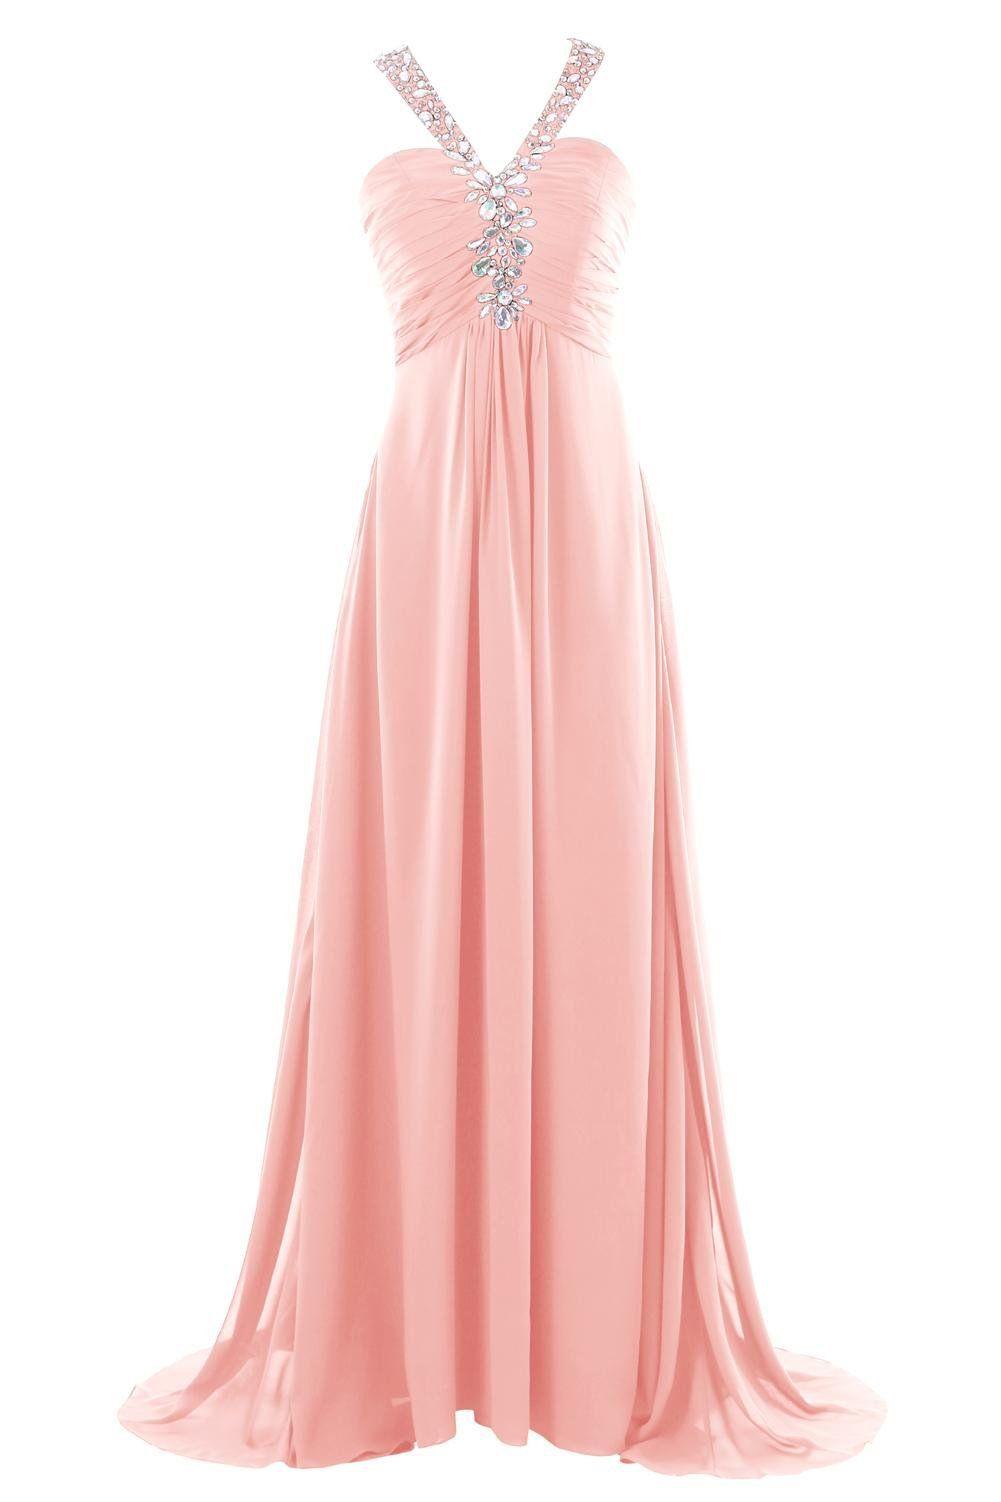 15 Genial Elegante Kleider Größe 46 Ärmel15 Großartig Elegante Kleider Größe 46 Vertrieb